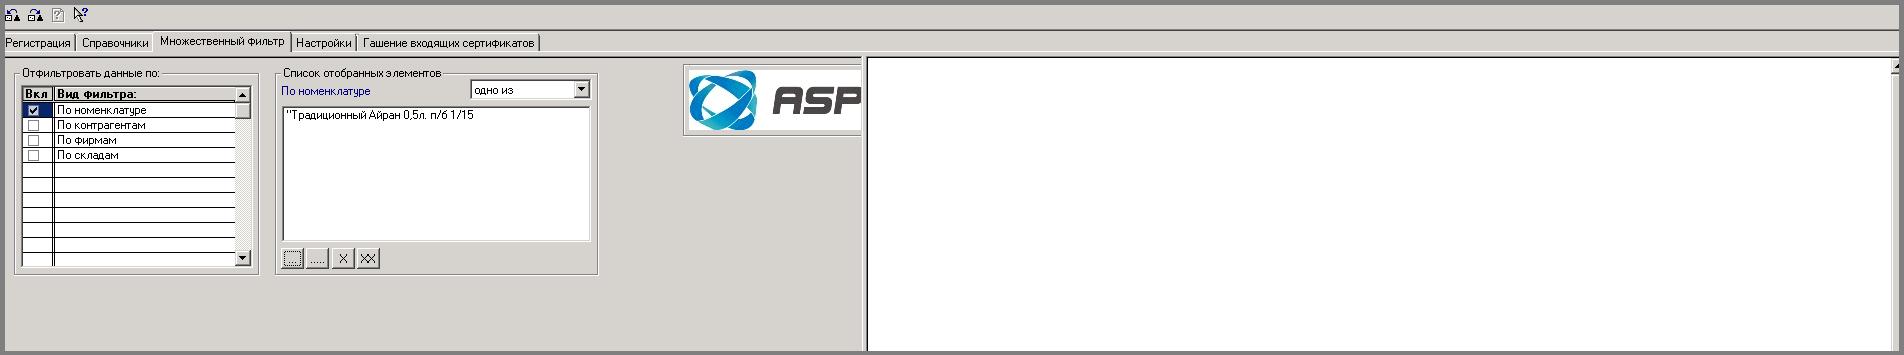 3. Пример раздела 'Множественный фильтр' (для выгрузки из обработки в шлюз определенного контрагента или номенклатуры)